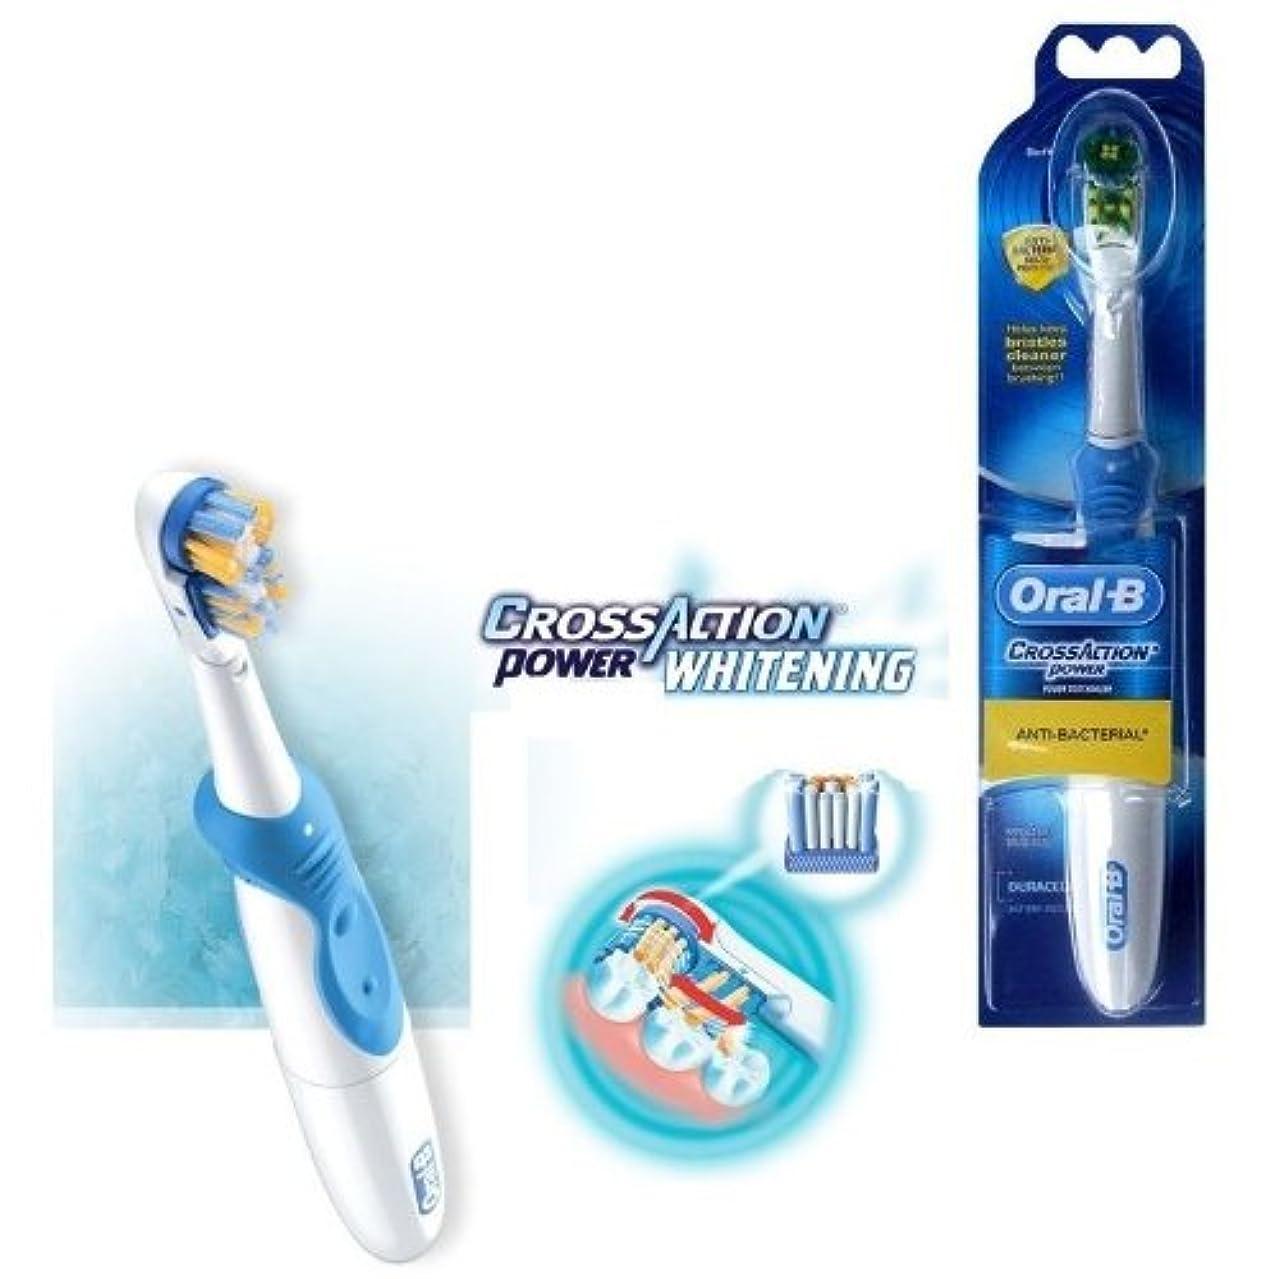 巧みな甘美な致死Braun ORAL-B B1010 クロスアクションパワーデュアルクリーンクレストホワイト電動歯ブラシ [並行輸入品]